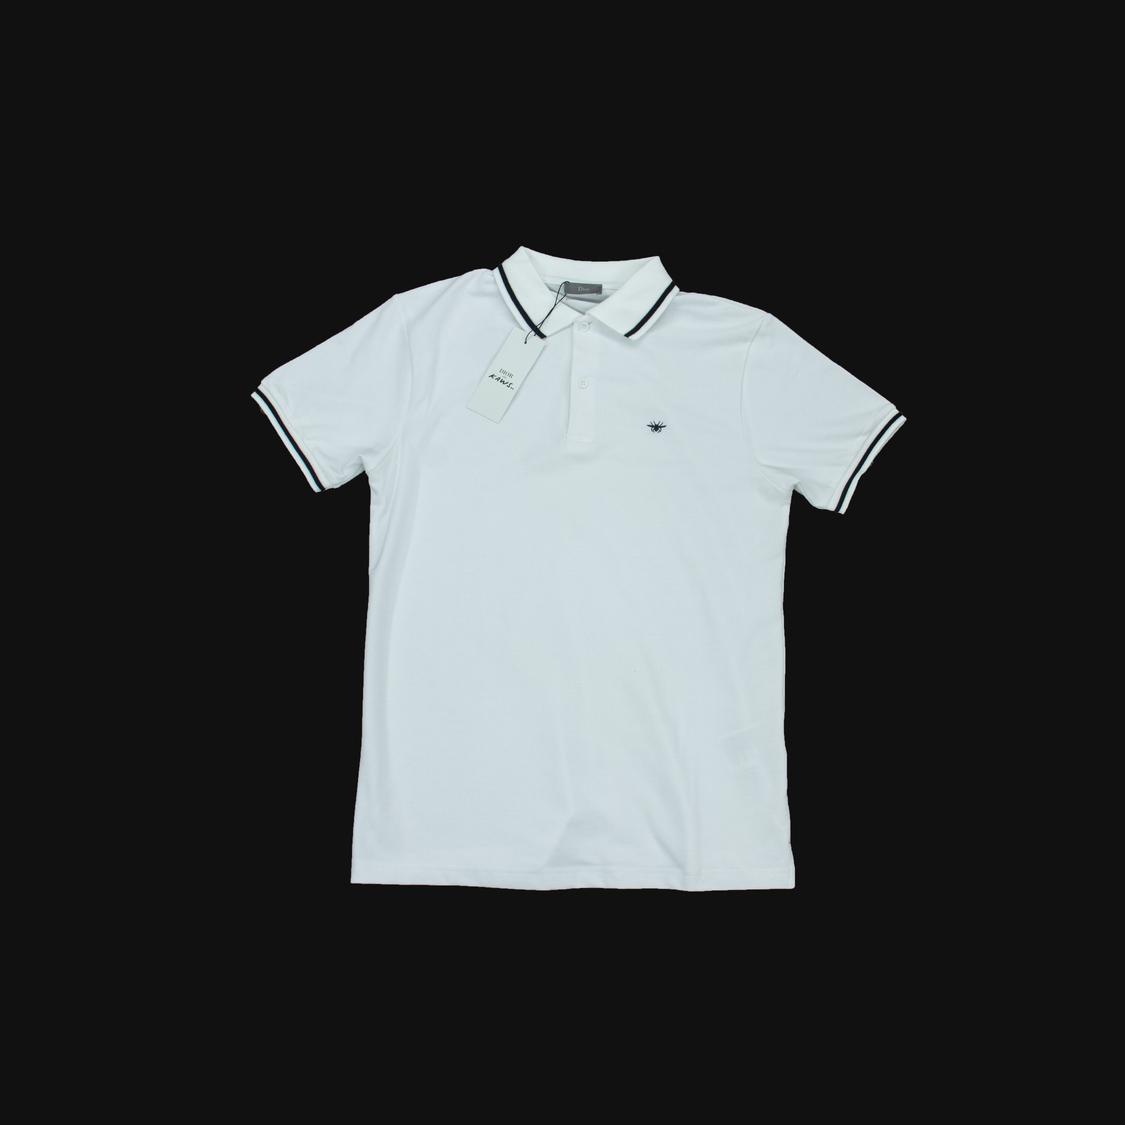 Áo Polo Dior ong nhỏ - trắng